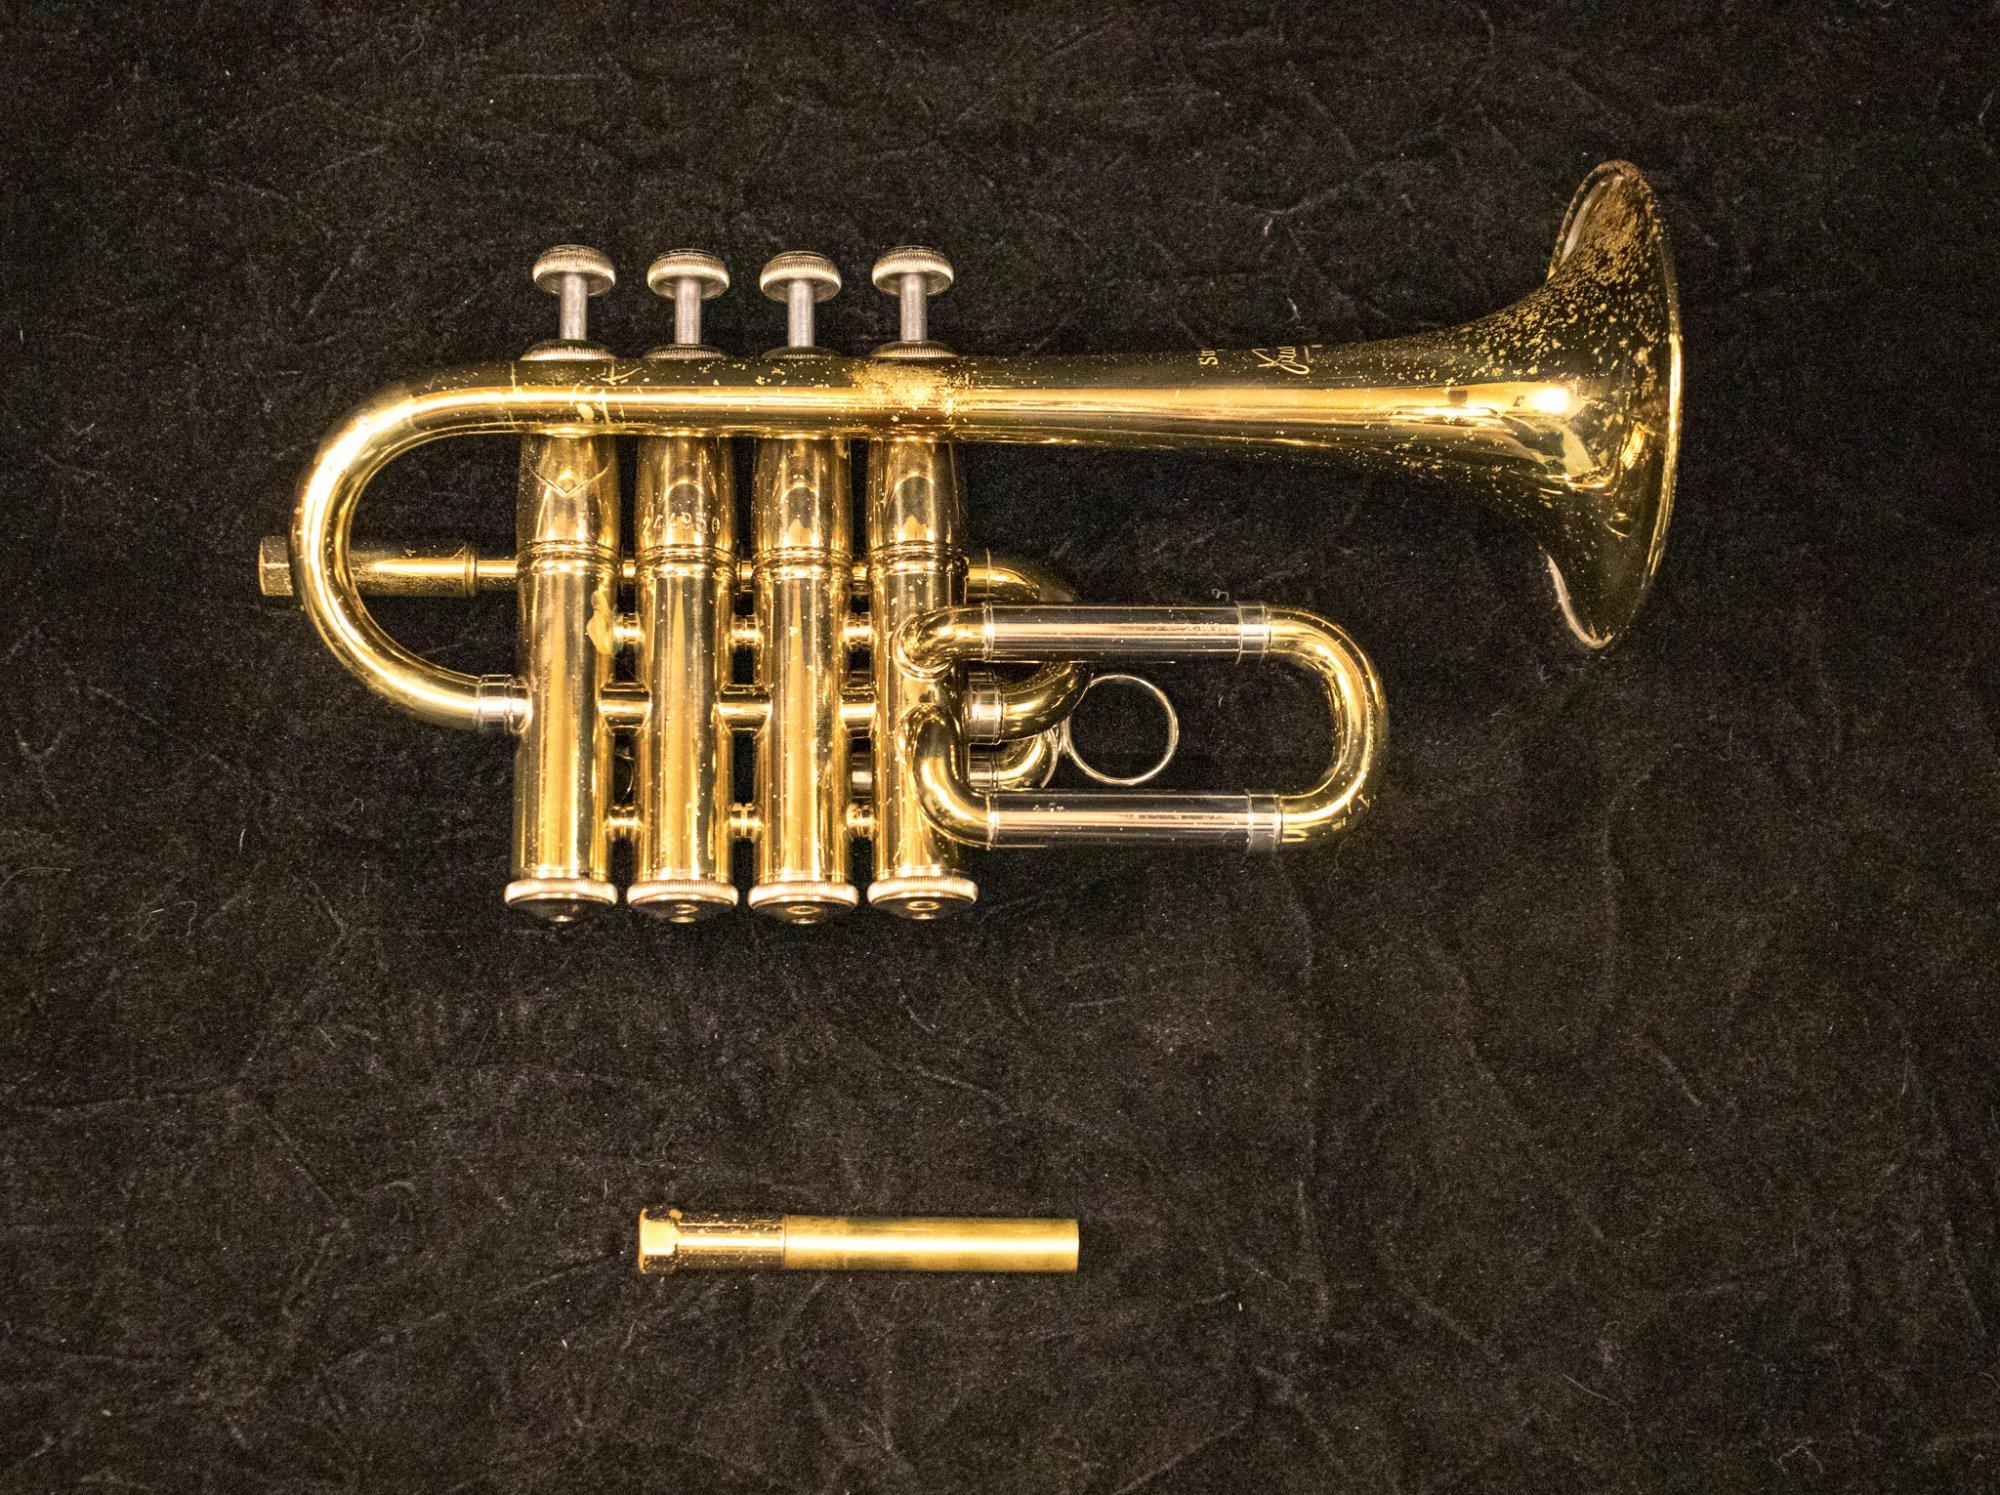 1984 Bach 196 Bb/A Piccolo Trumpet